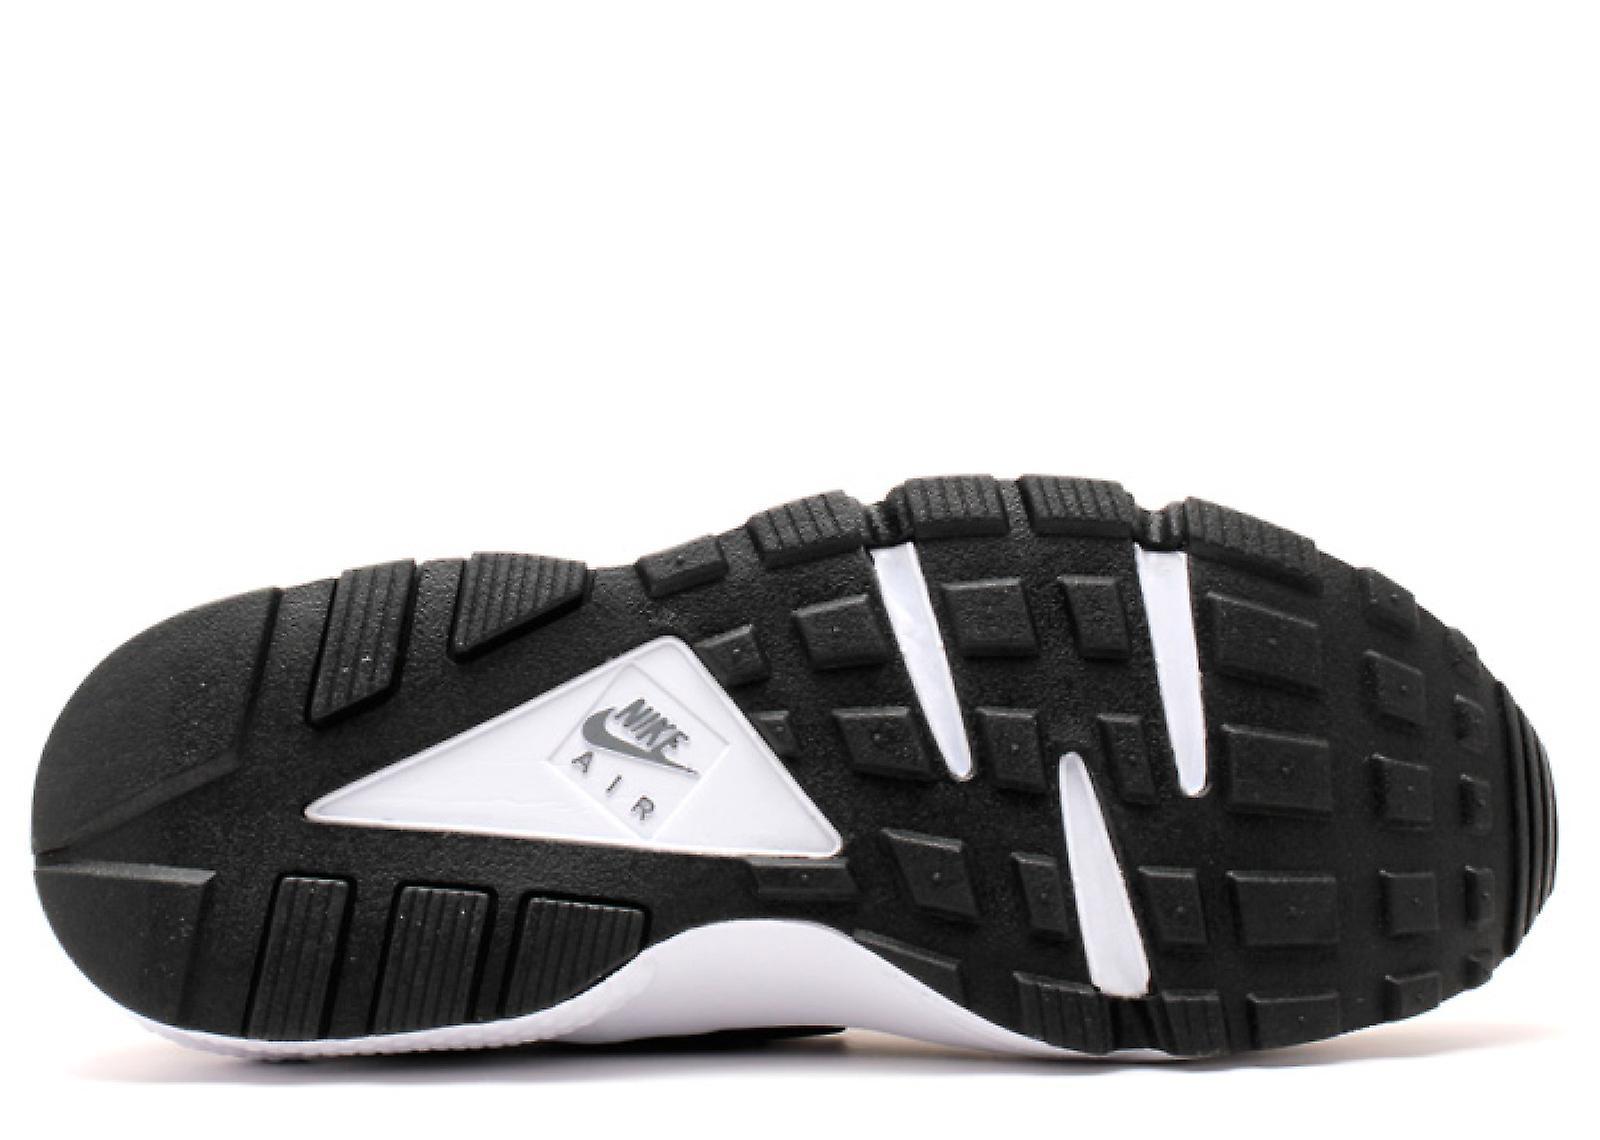 L'air Huarache - 318429 005 Chaussures